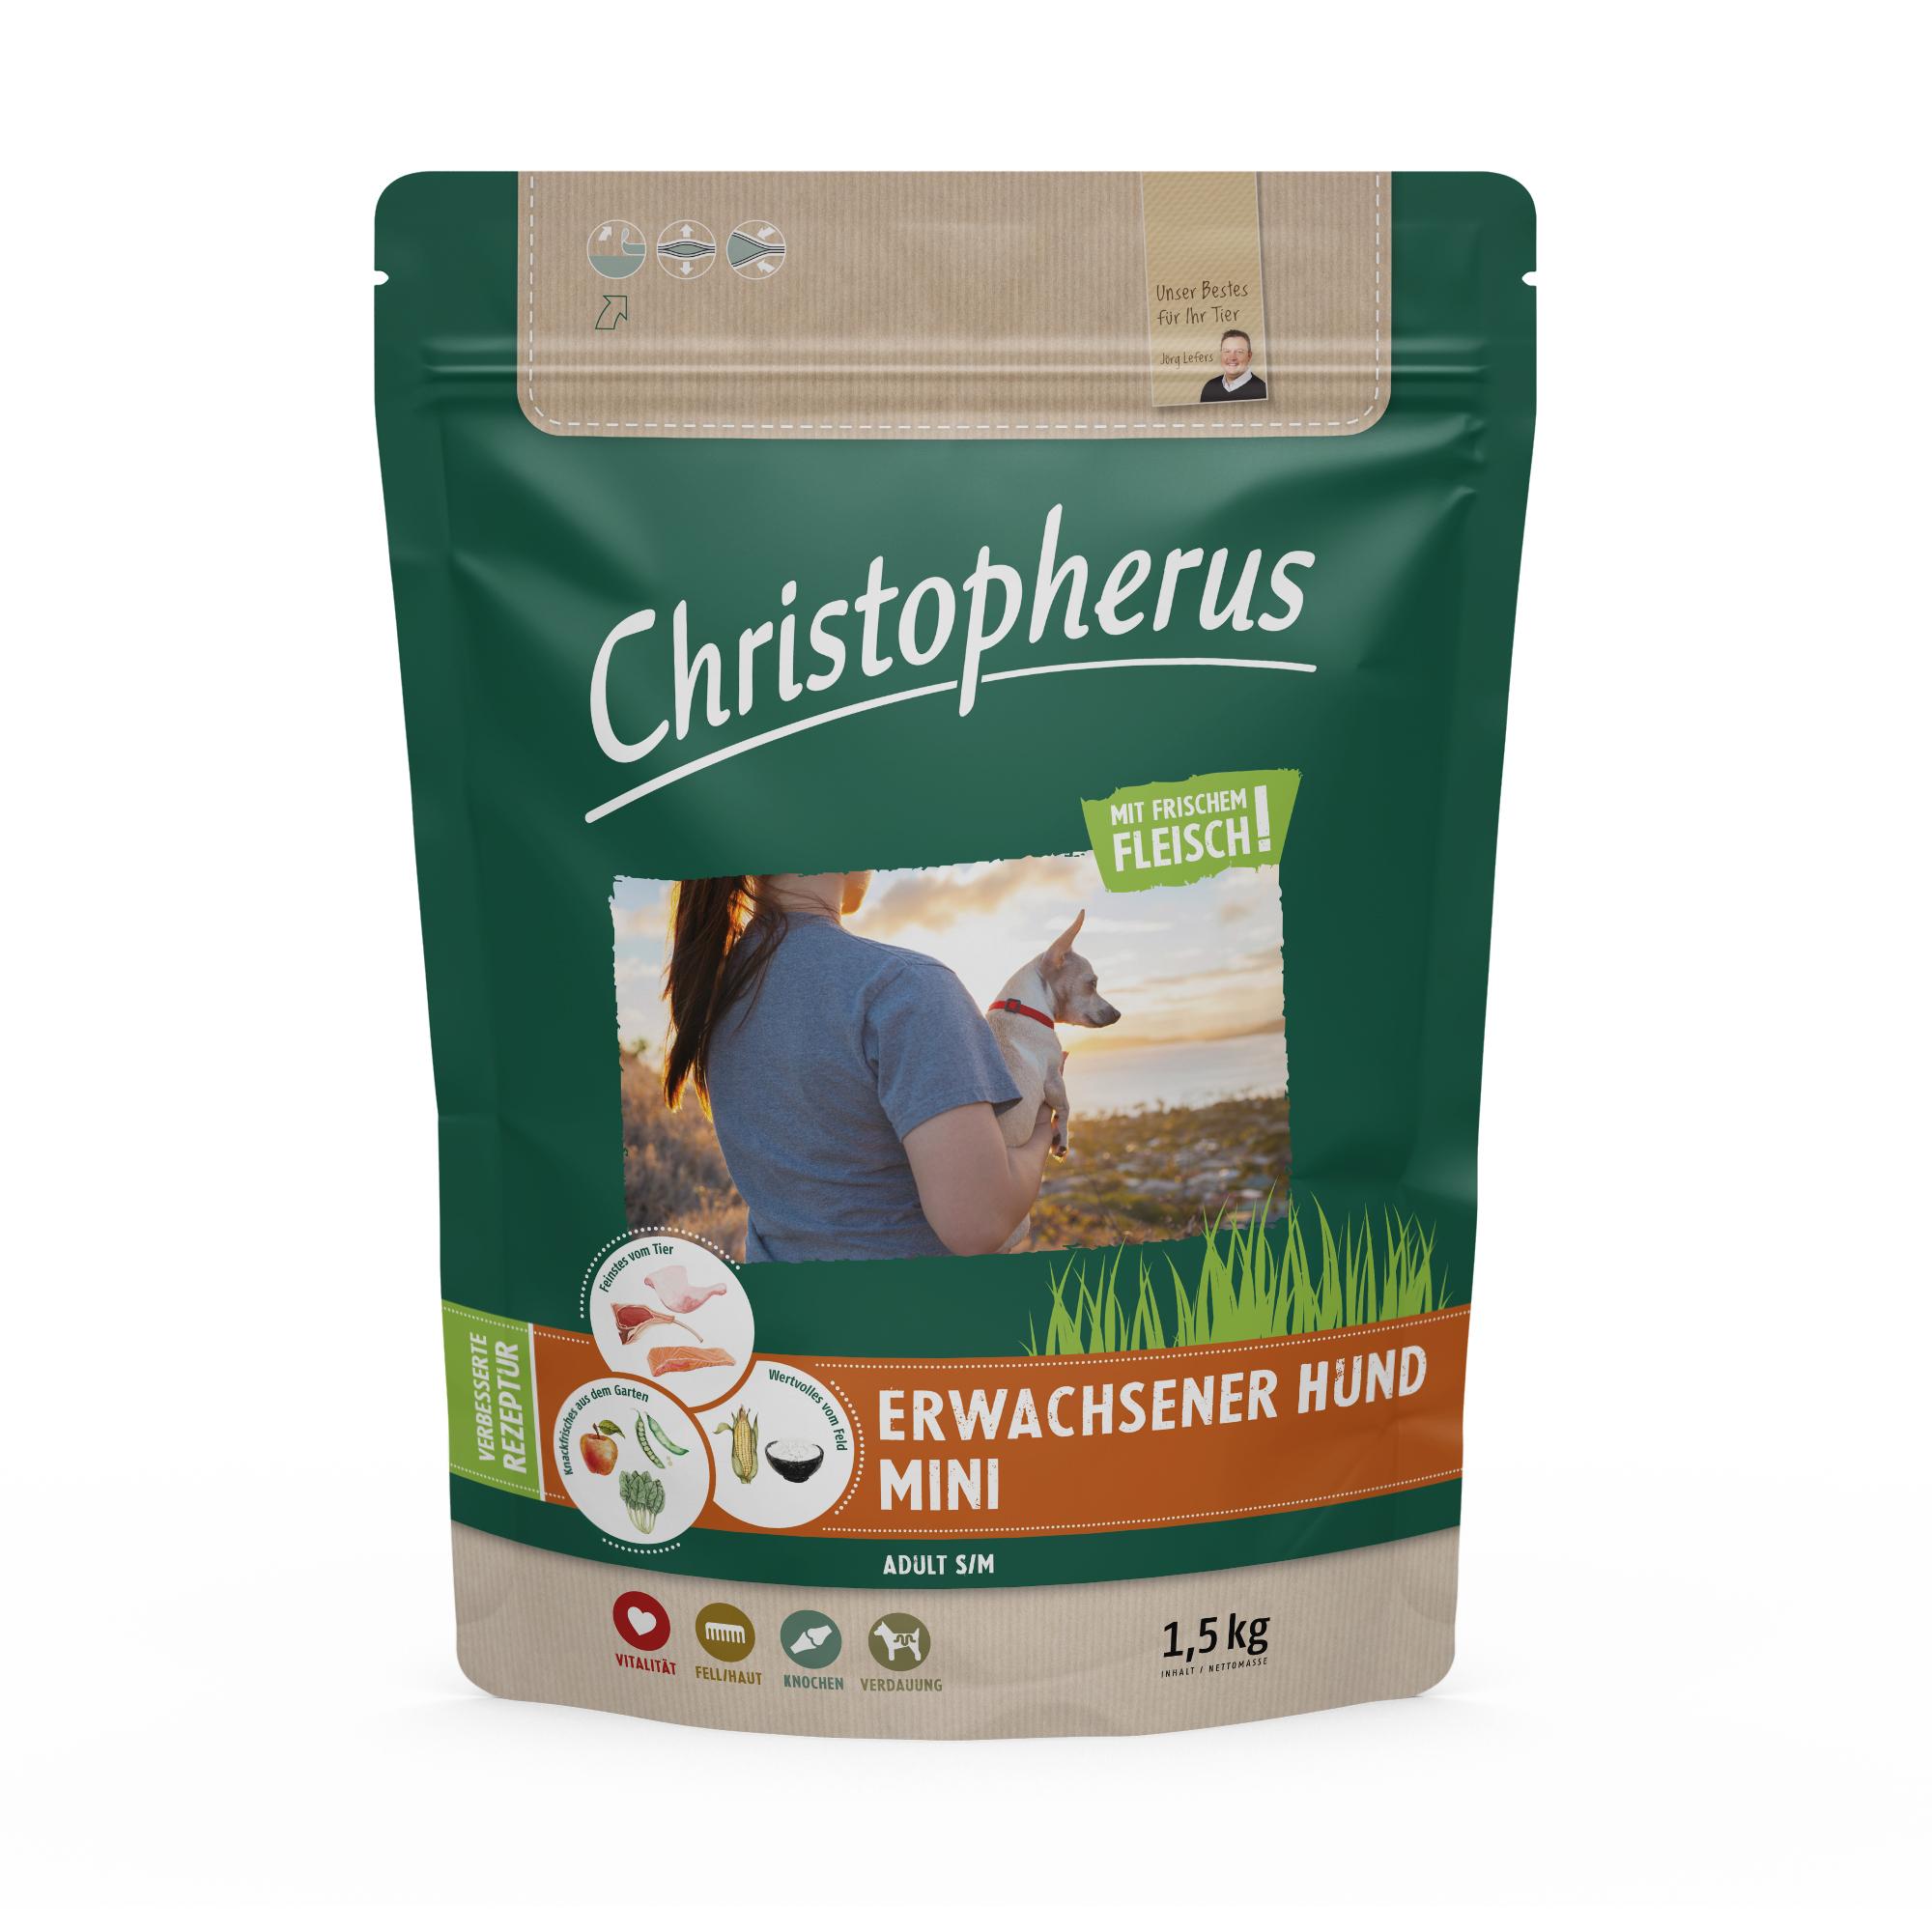 Christopherus – Erwachsener Hund Mini